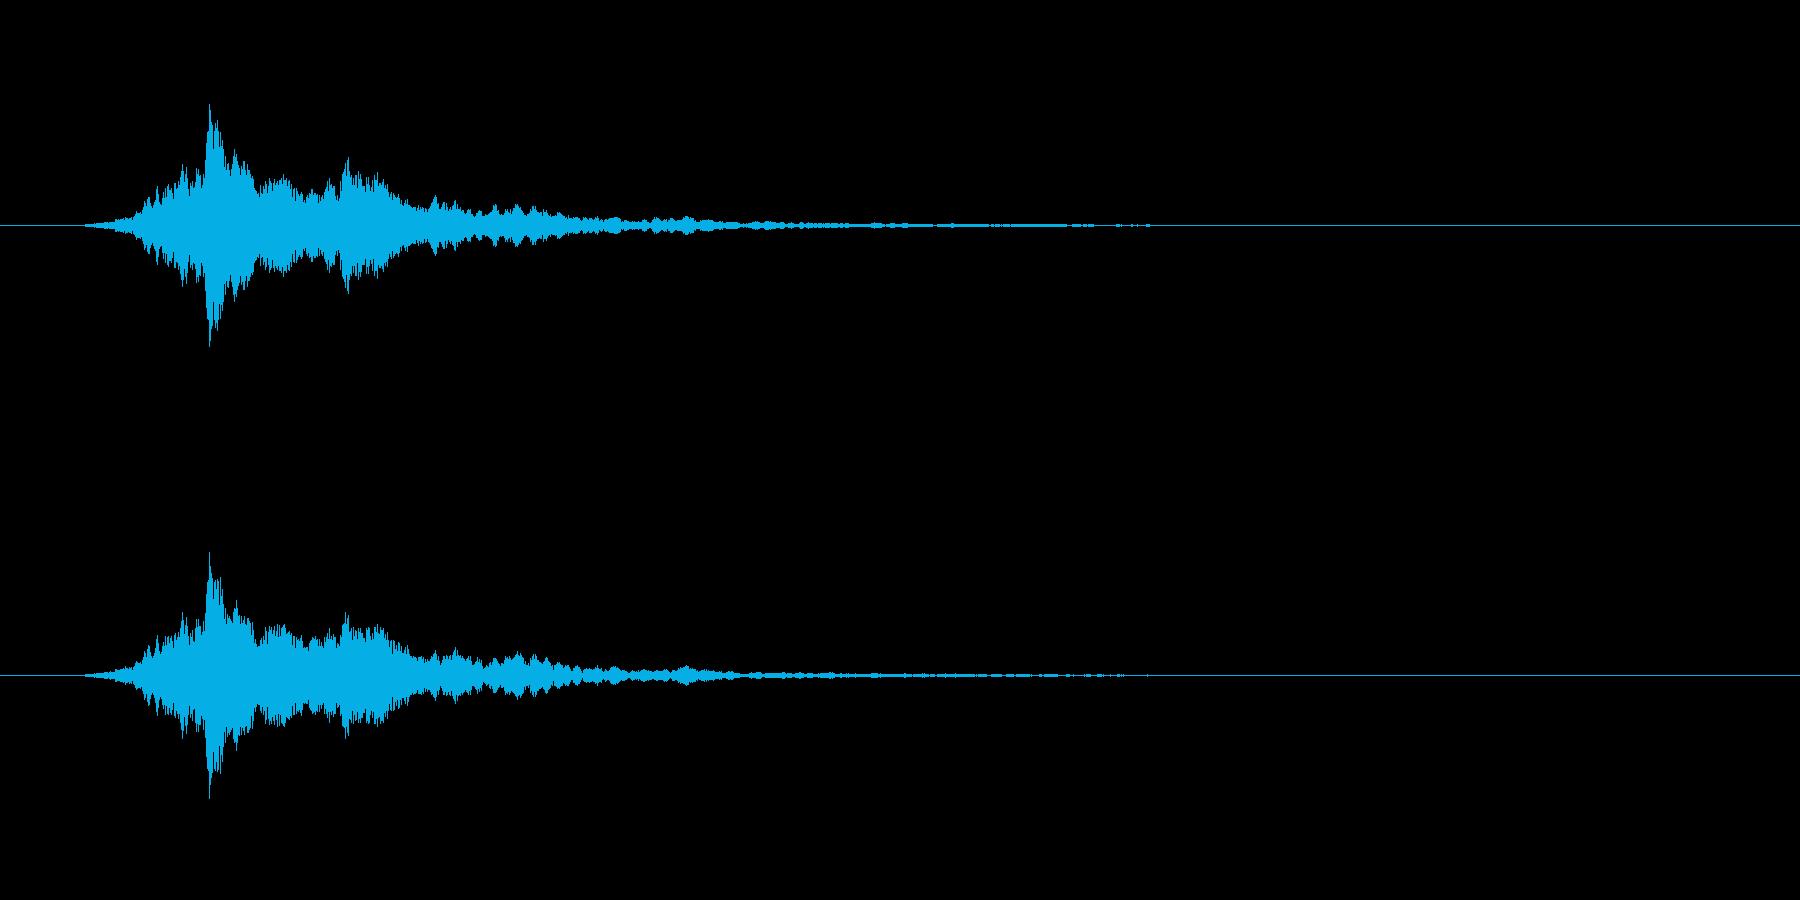 【アクセント12-2】の再生済みの波形